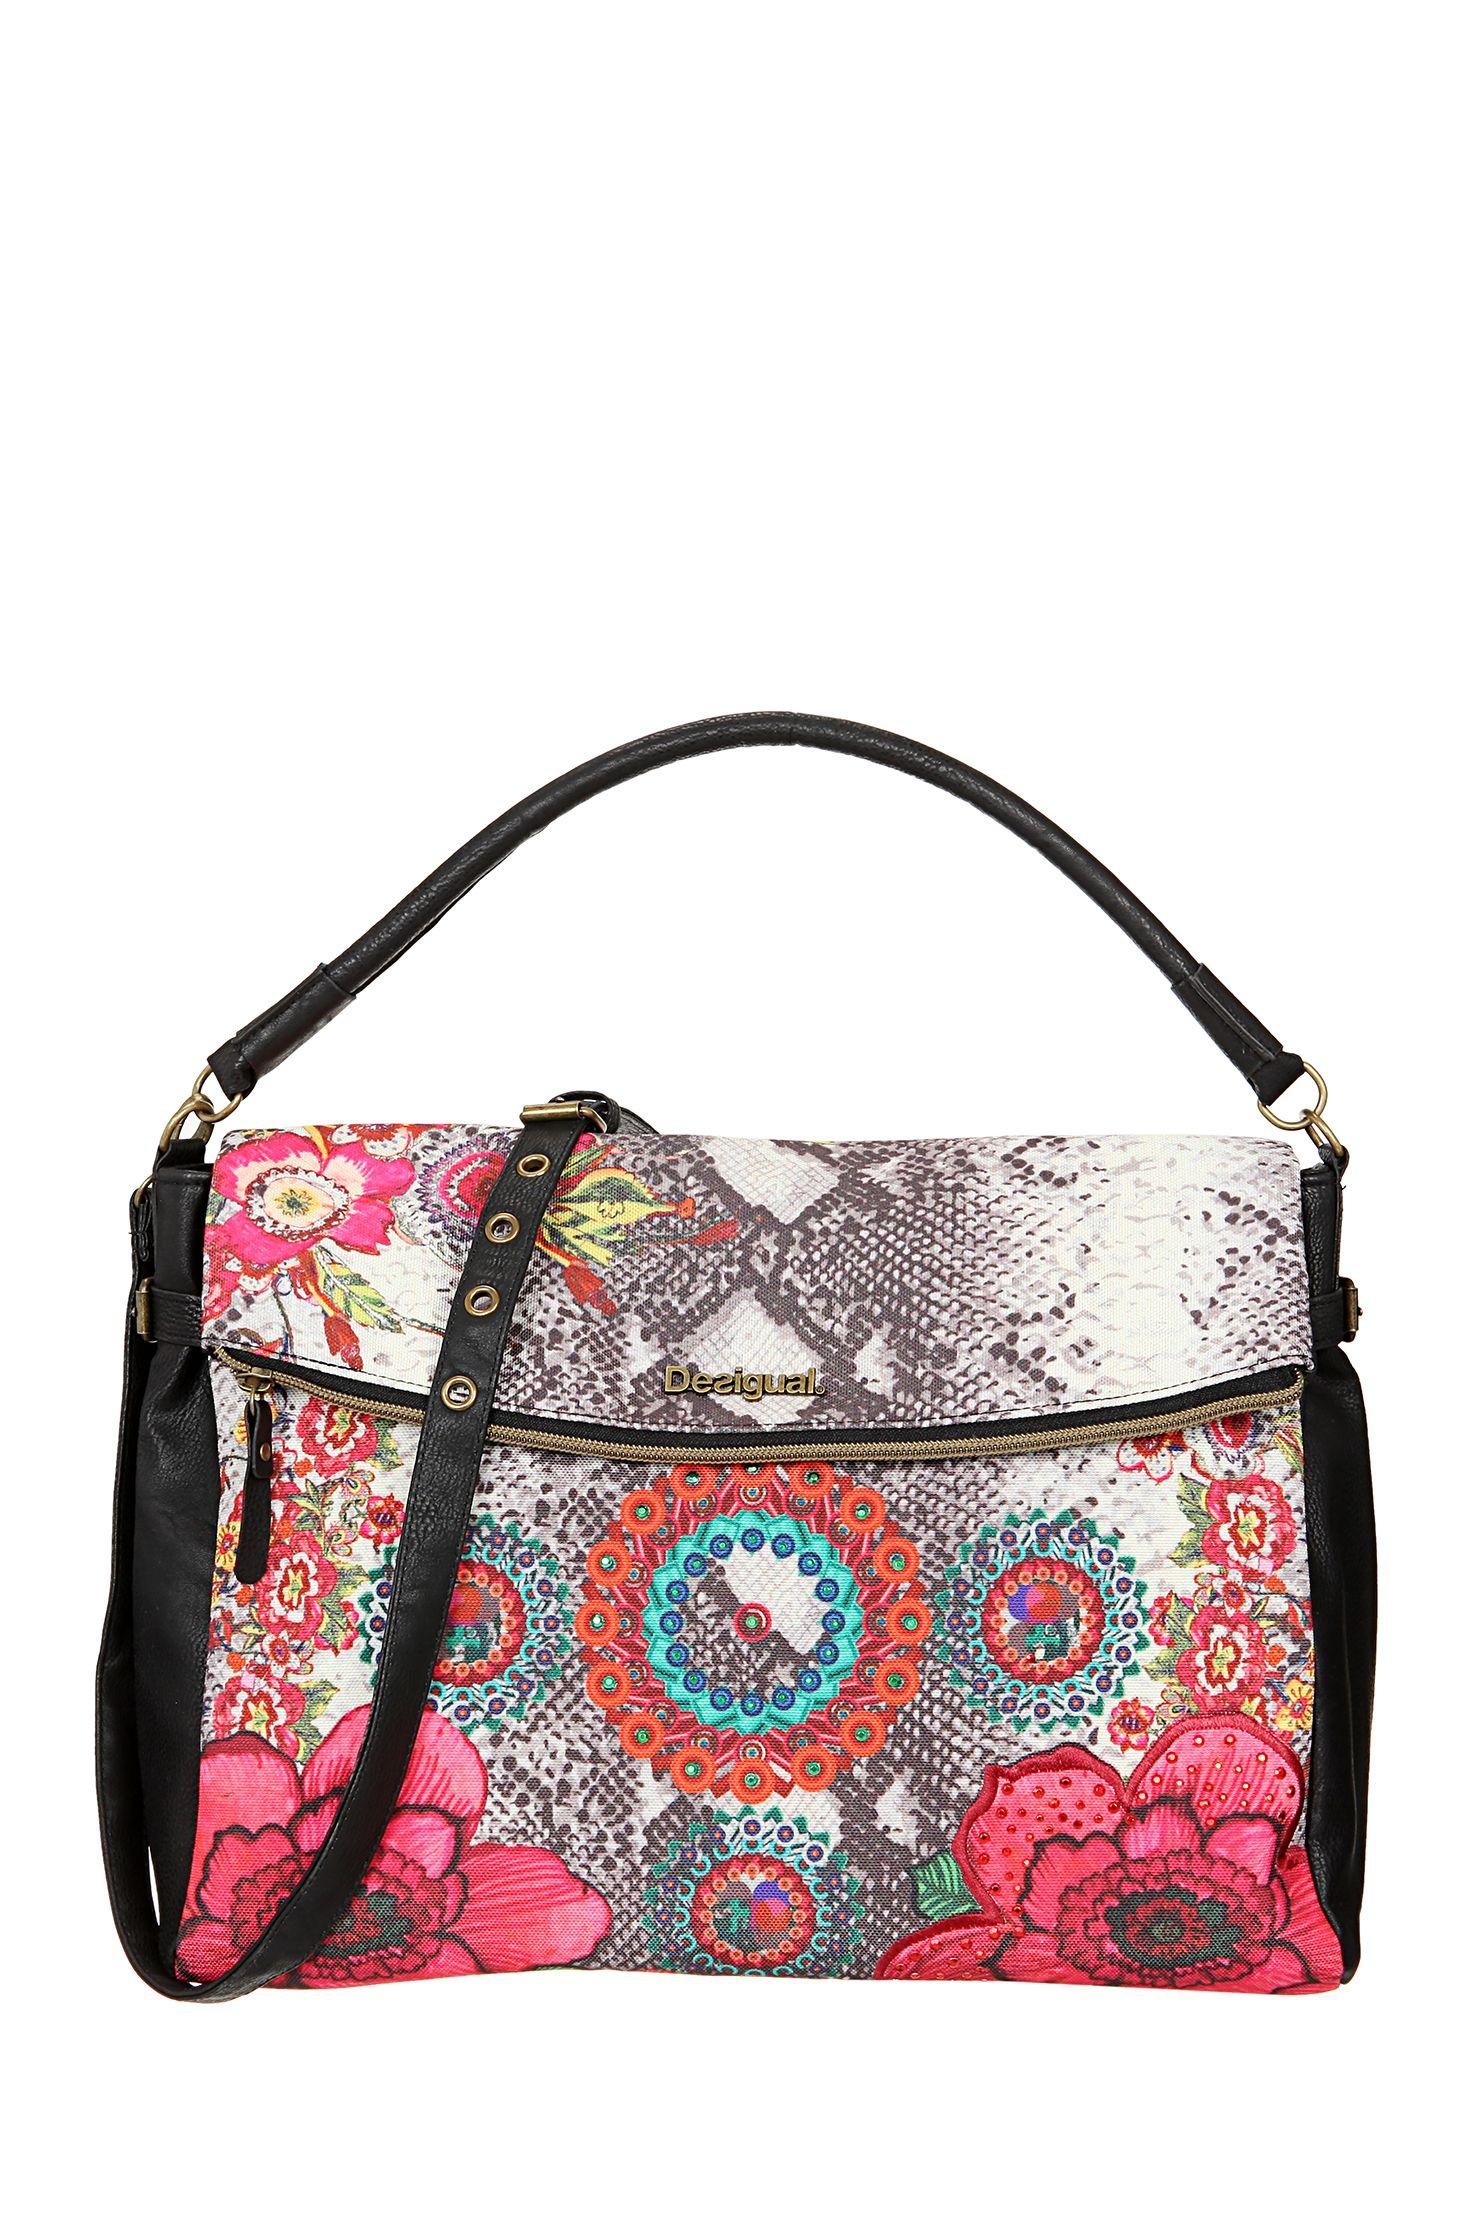 Petit sac de ville - 51x59d0 - Noir Desigual sur MonShowroom.com ... d62043666c1